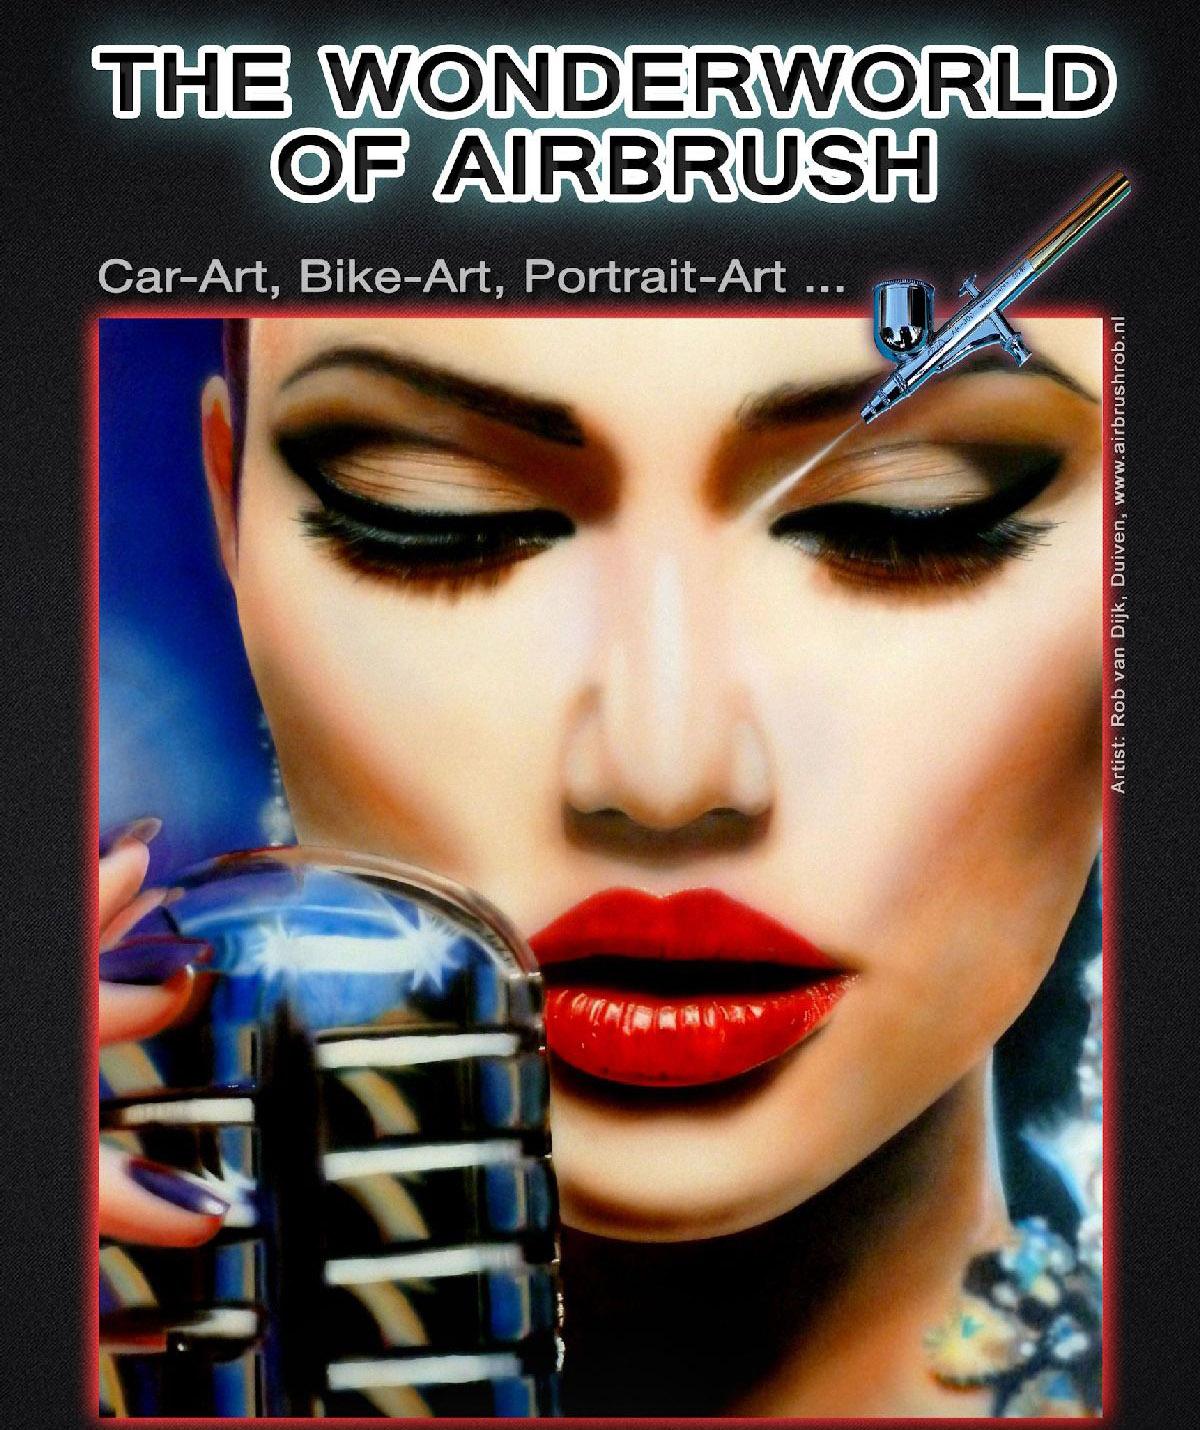 THE WONDERWORLD OF AIRBRUSH 2016